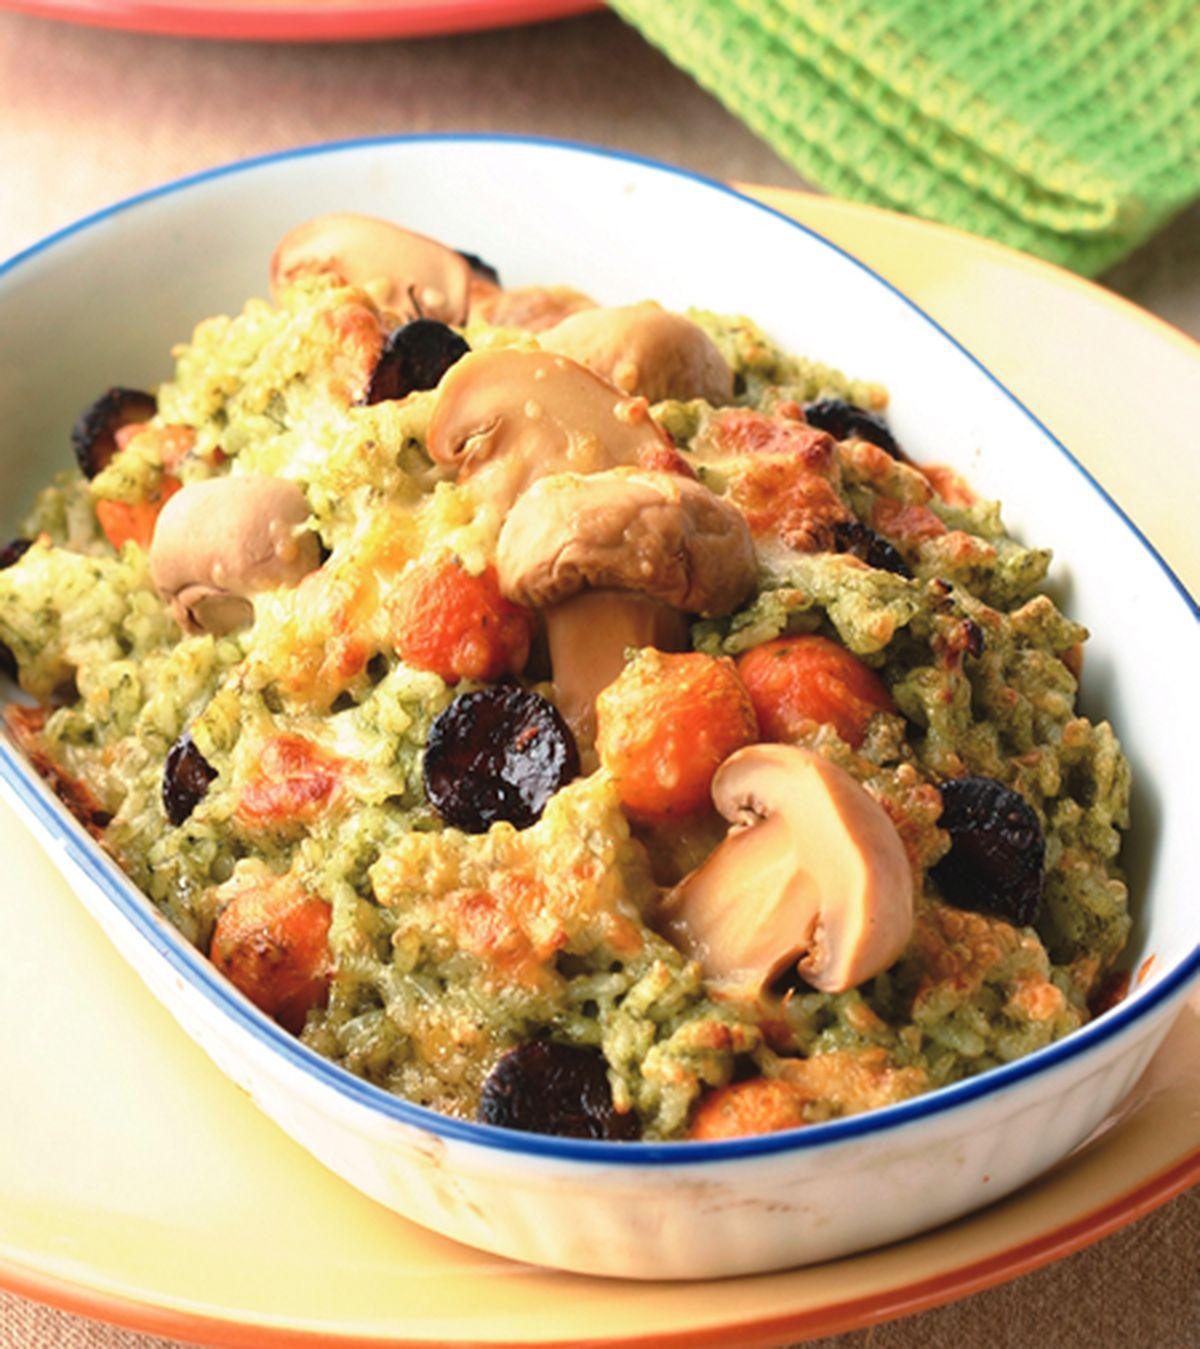 食譜:青醬蘑菇臘腸焗飯